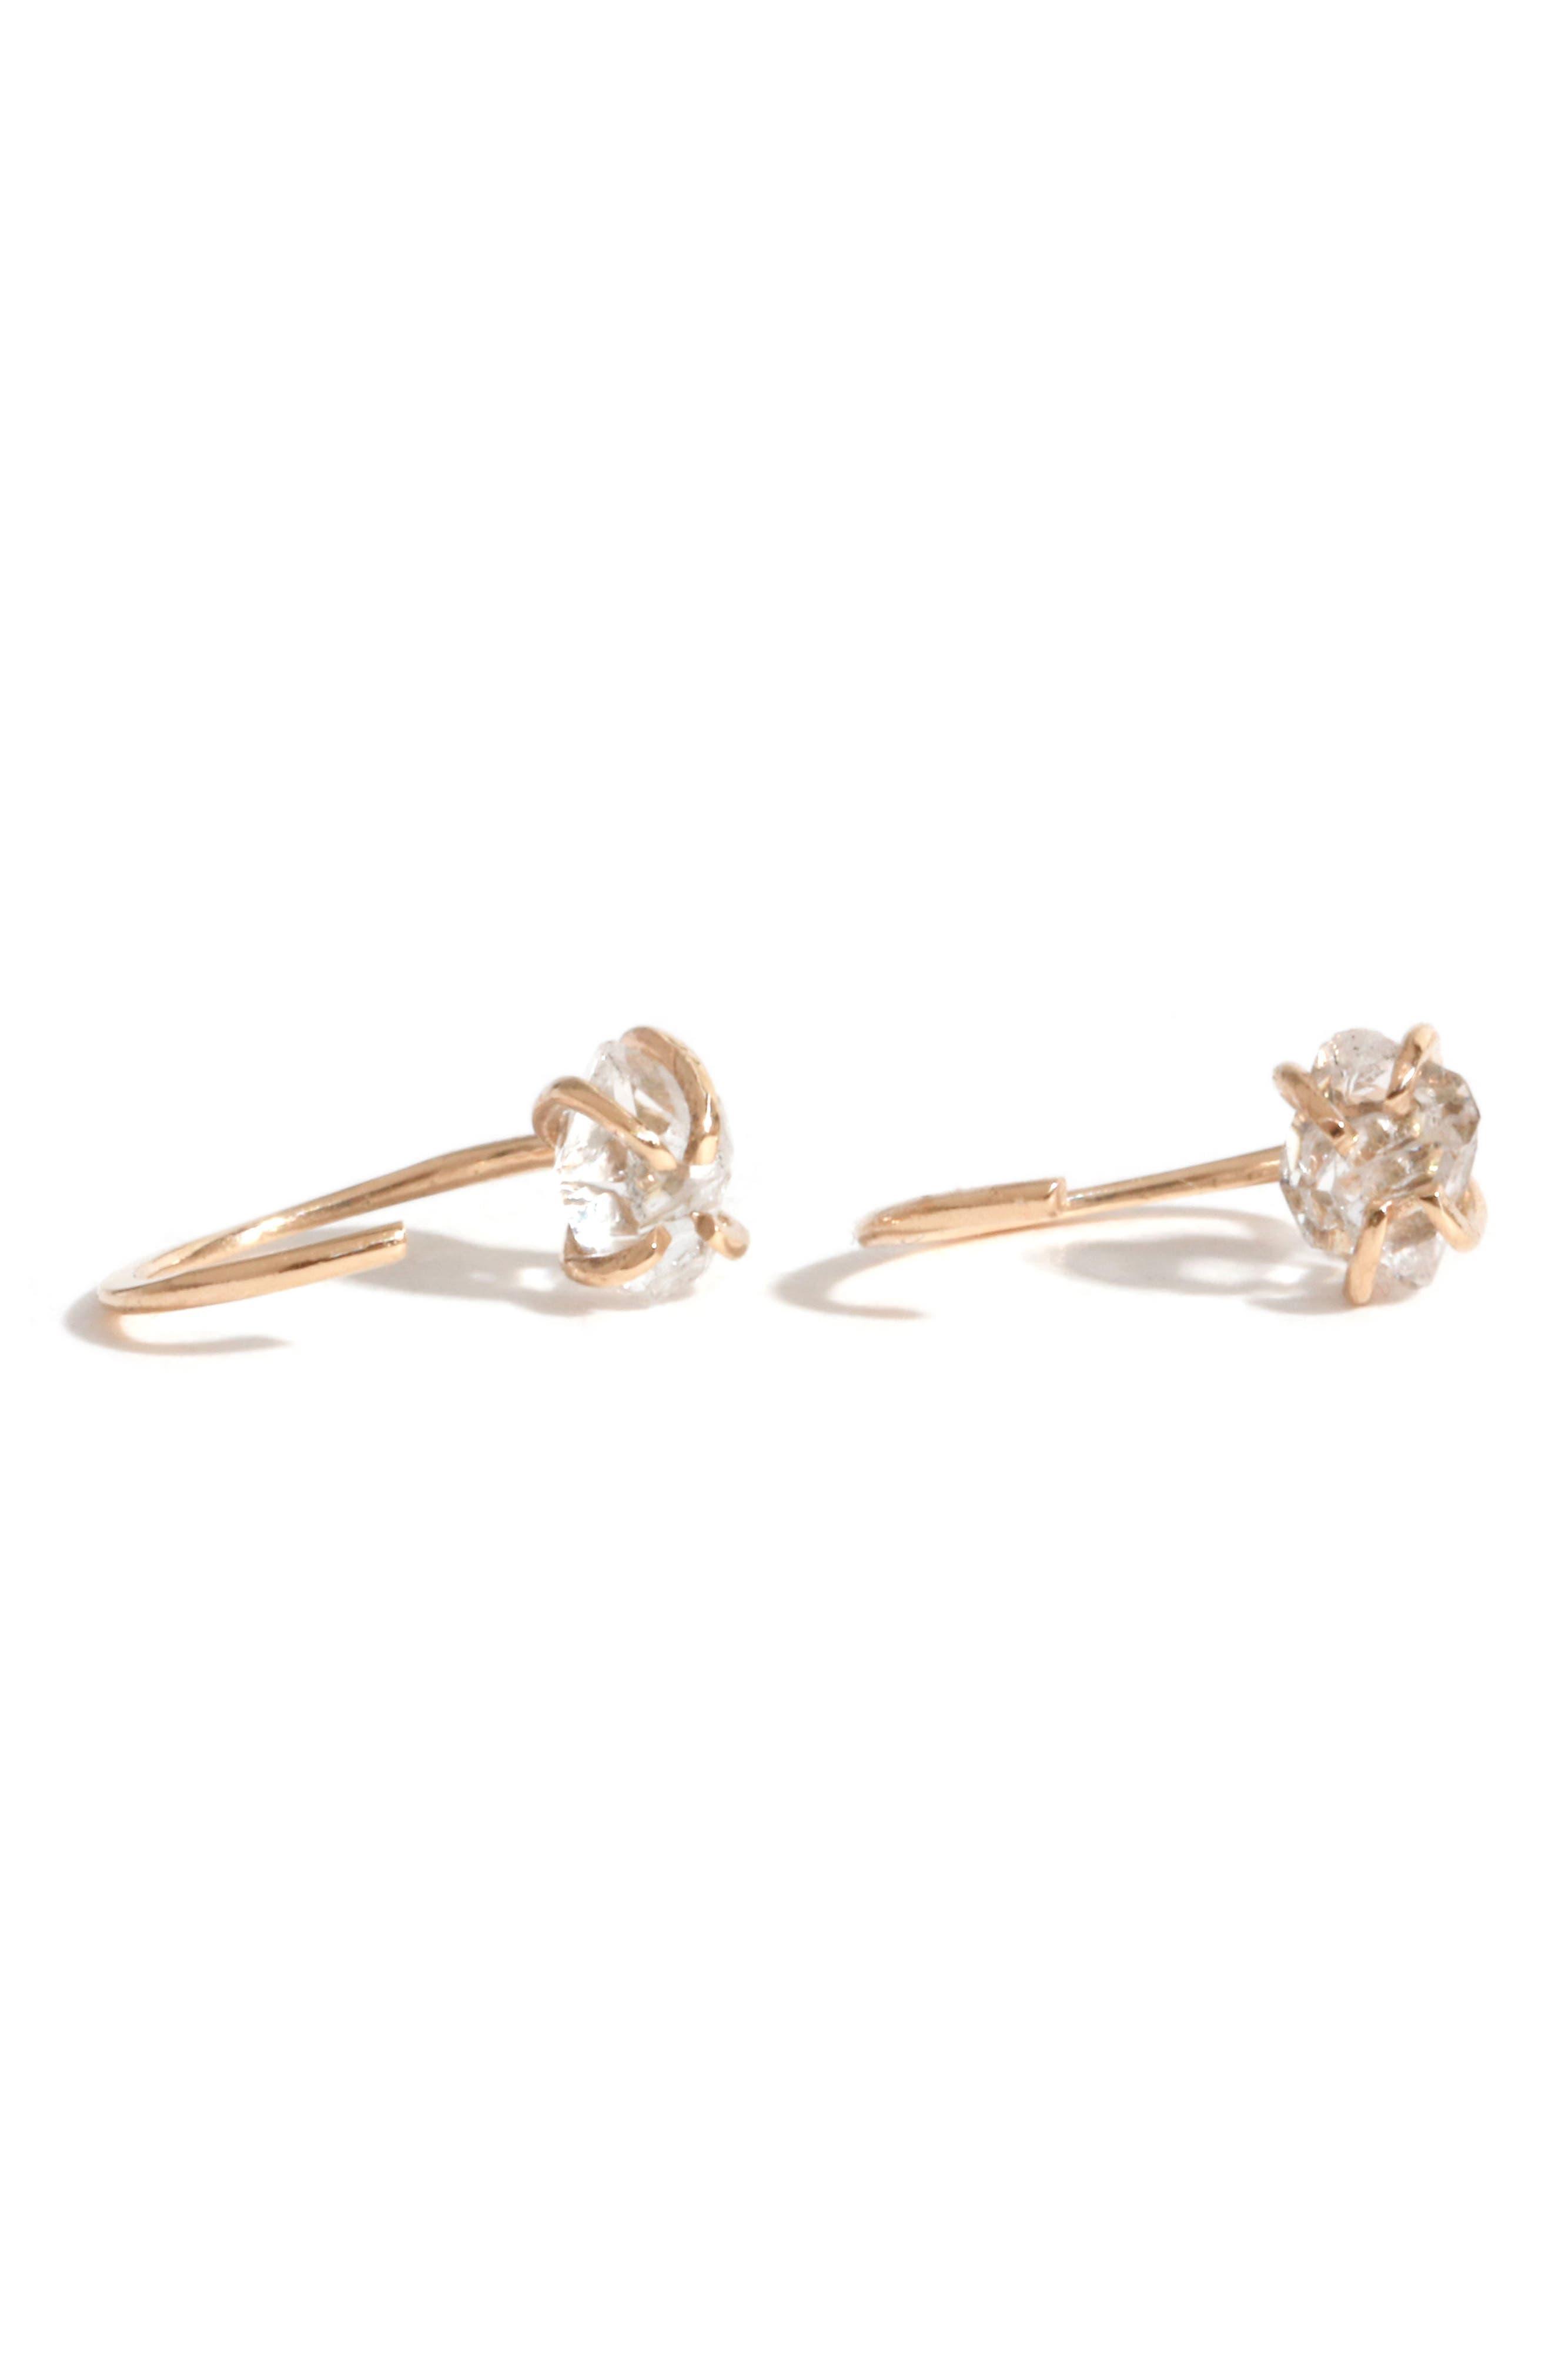 Hug Hoop Crystal Earrings,                         Main,                         color, Yellow Gold